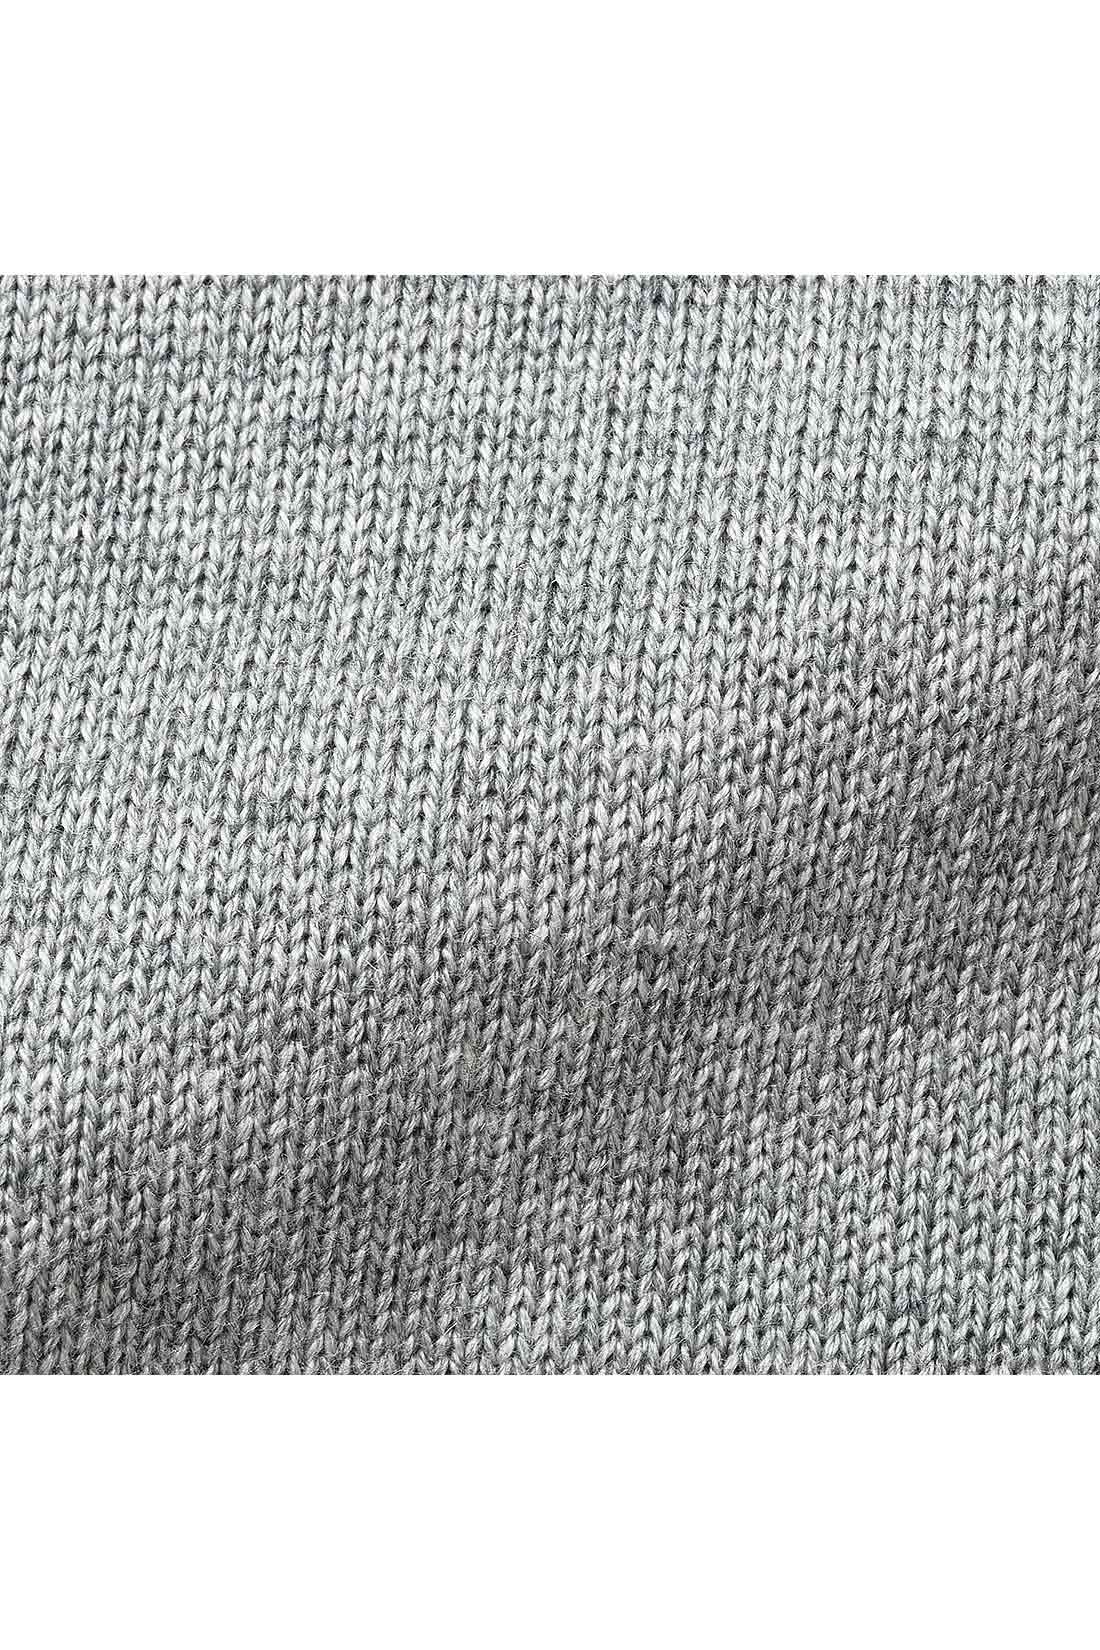 肌ざわりがよいやわらかな綿混ニット素材。